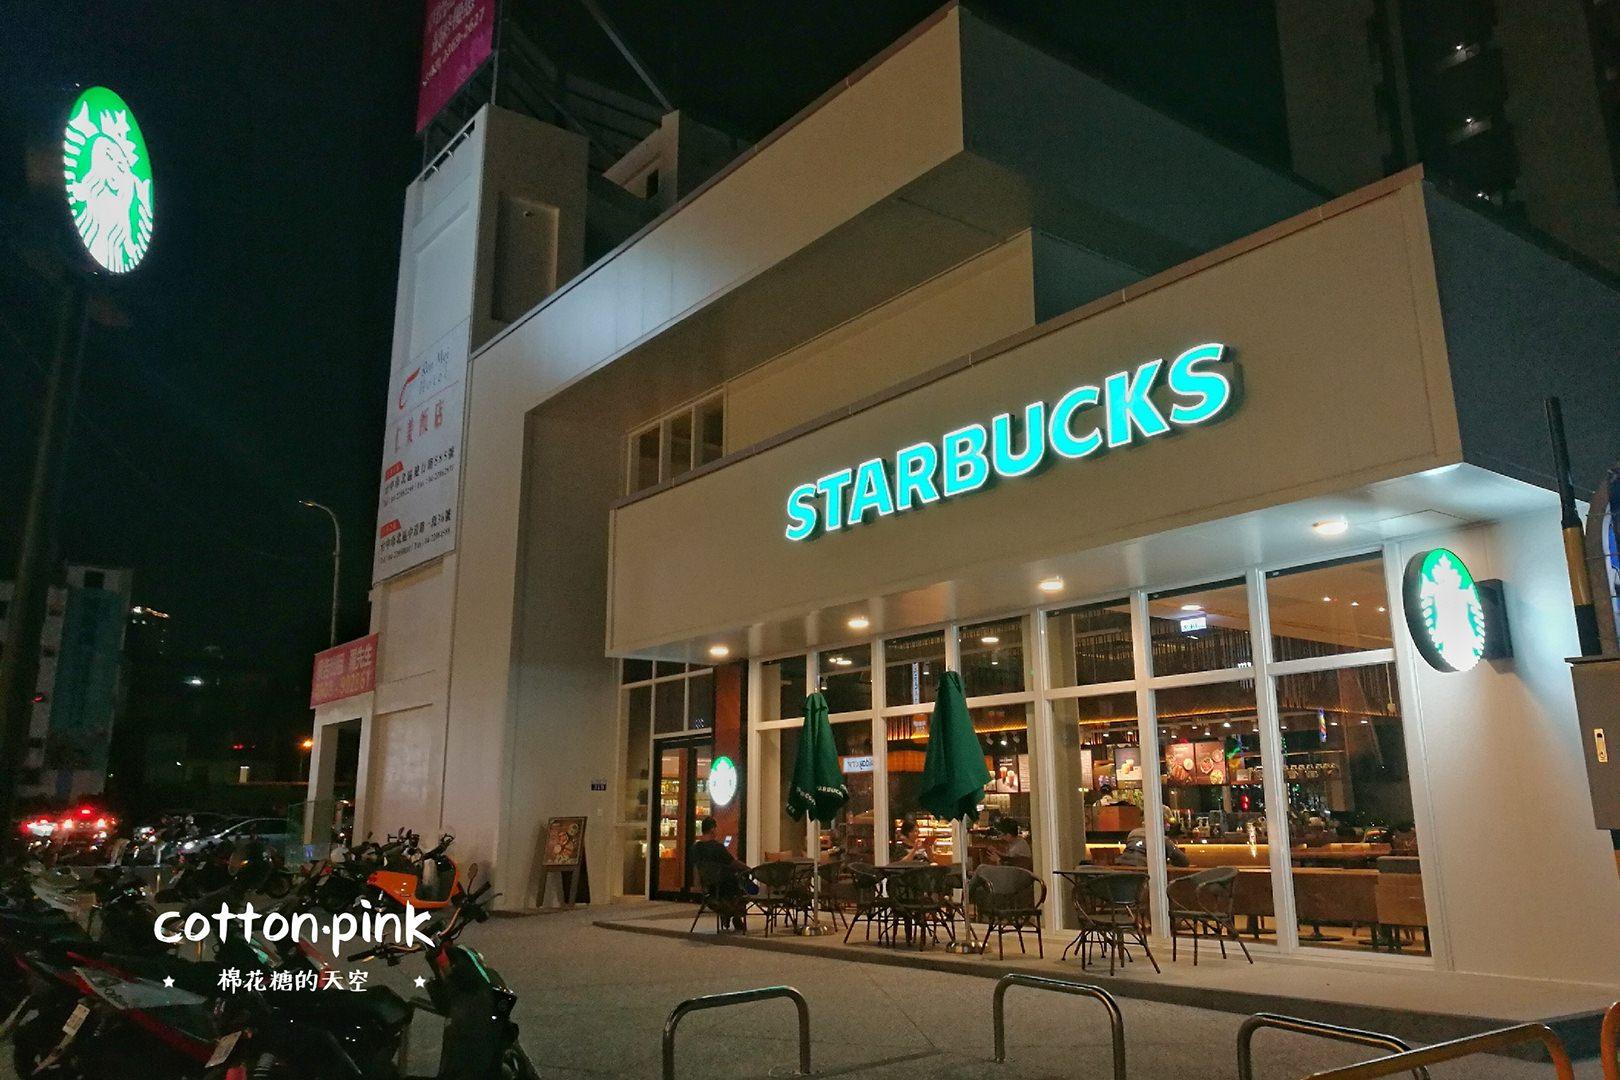 台中最新星巴克超過一百個座位,雲朵冷萃咖啡供應中,近草悟道